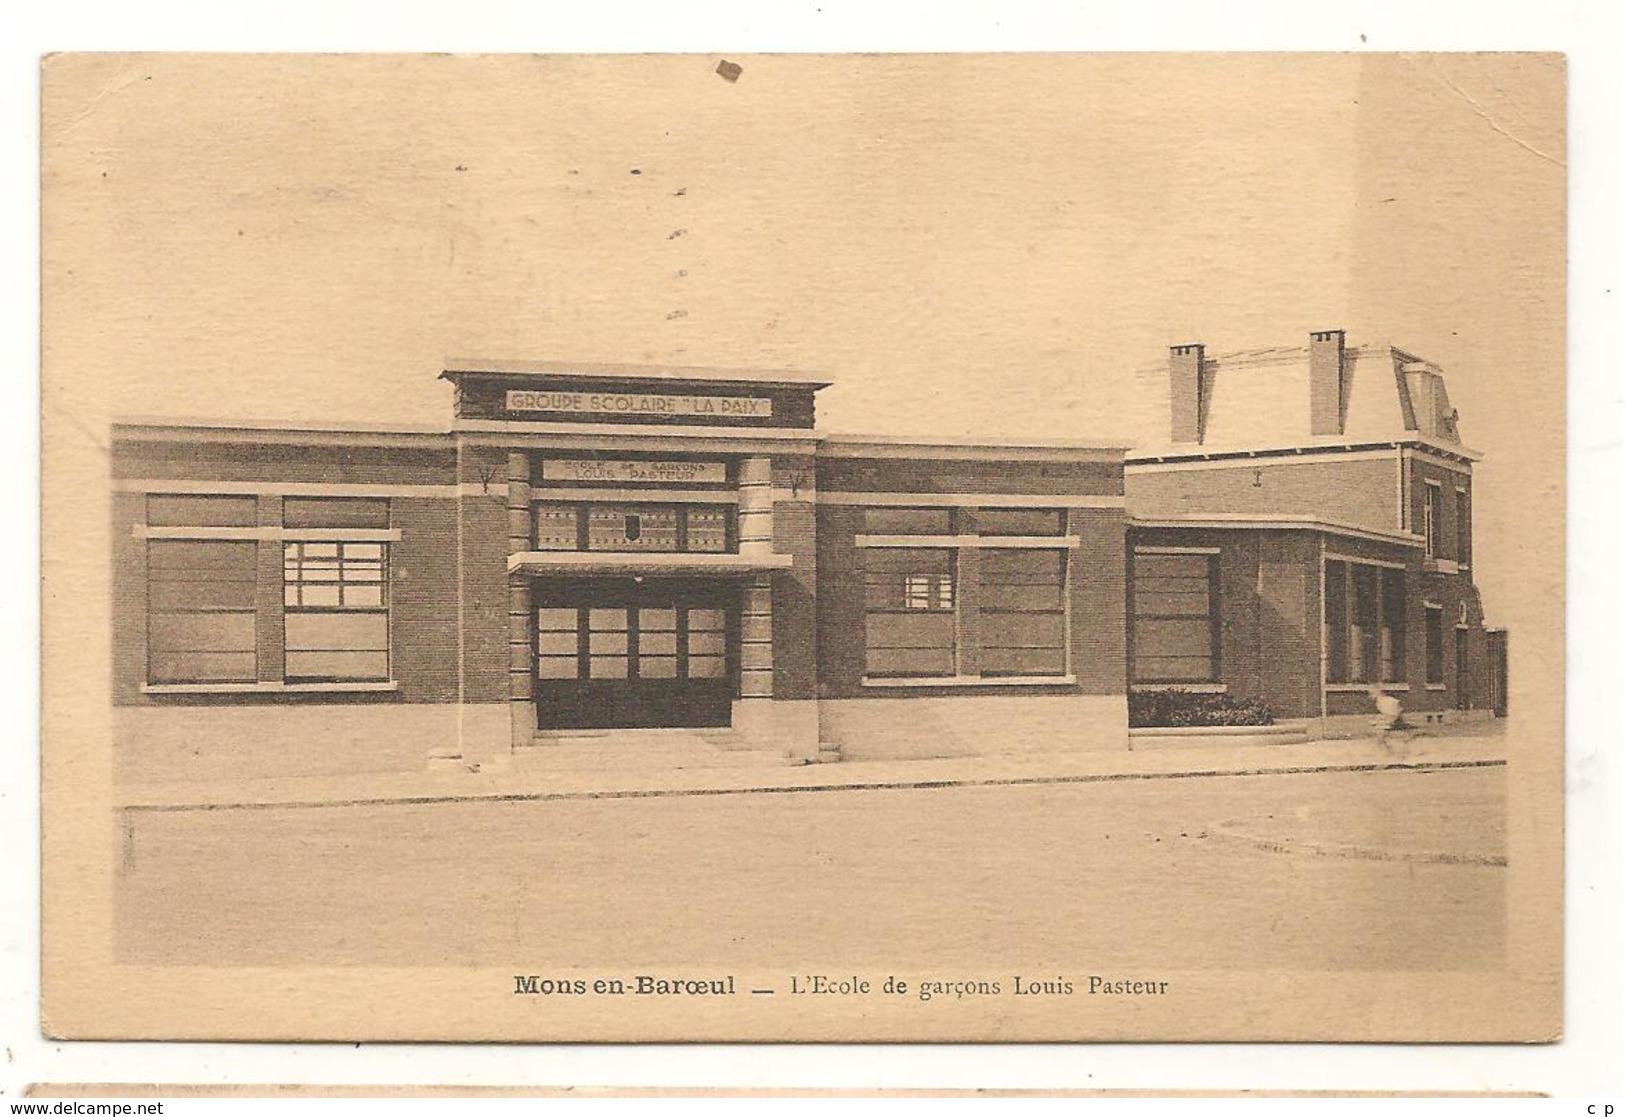 Mons En Baroeul - L'Ecole De Garçons Louis Pasteur -  CPA ° - France